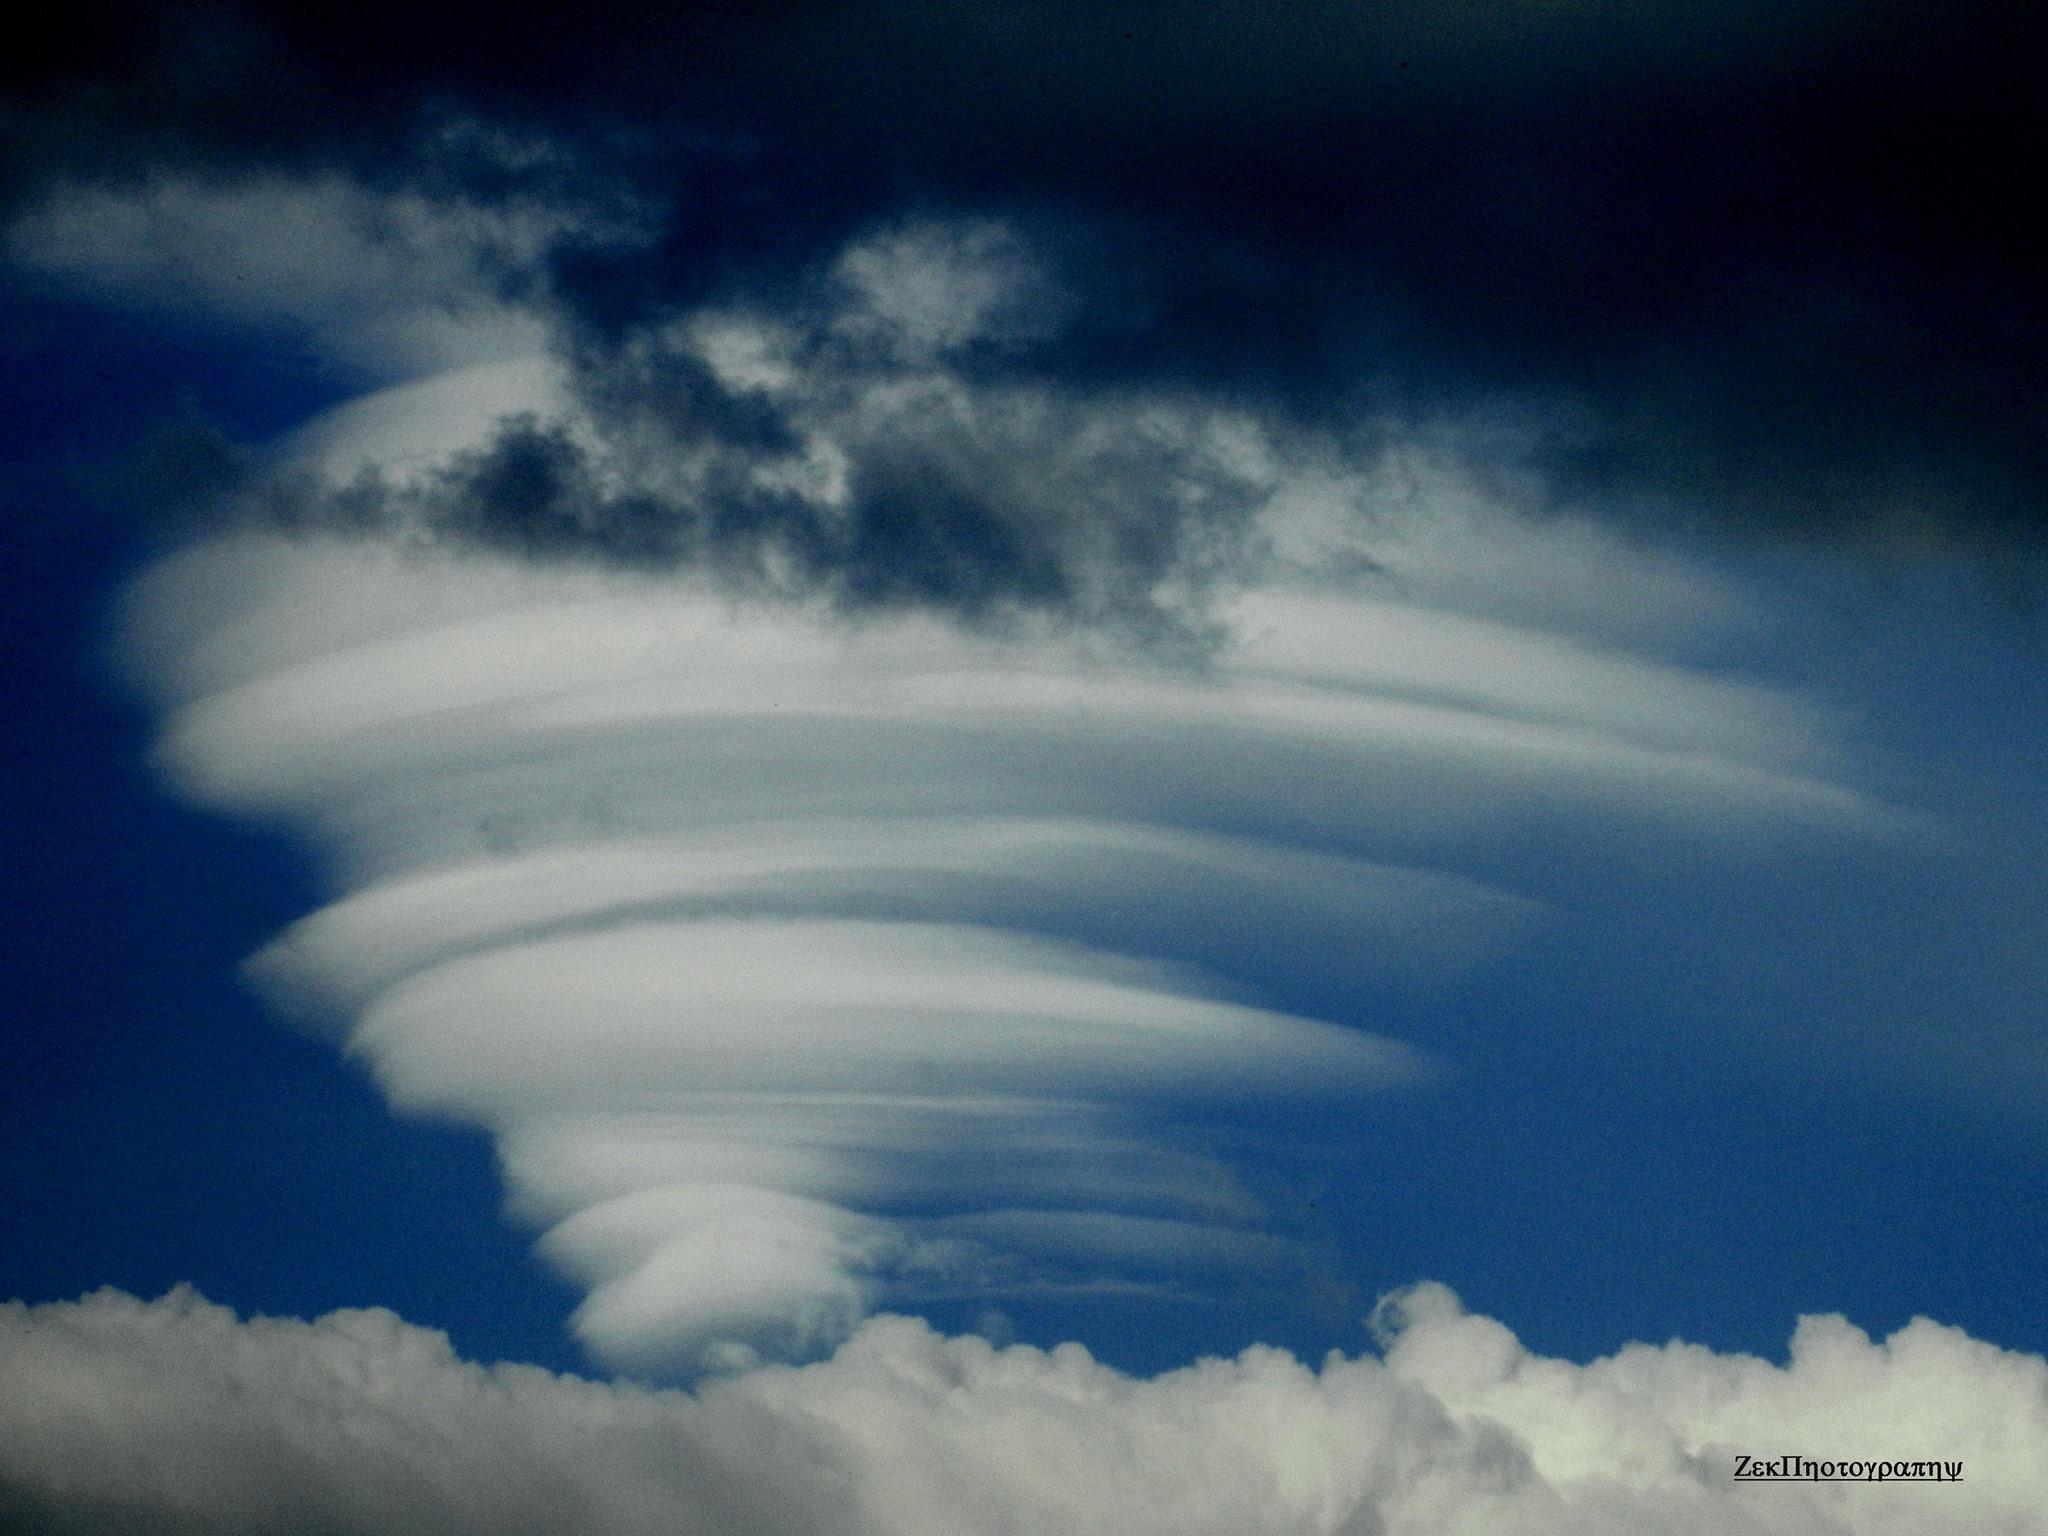 Hình ảnh đám mây lốc xoáy cực đẹp